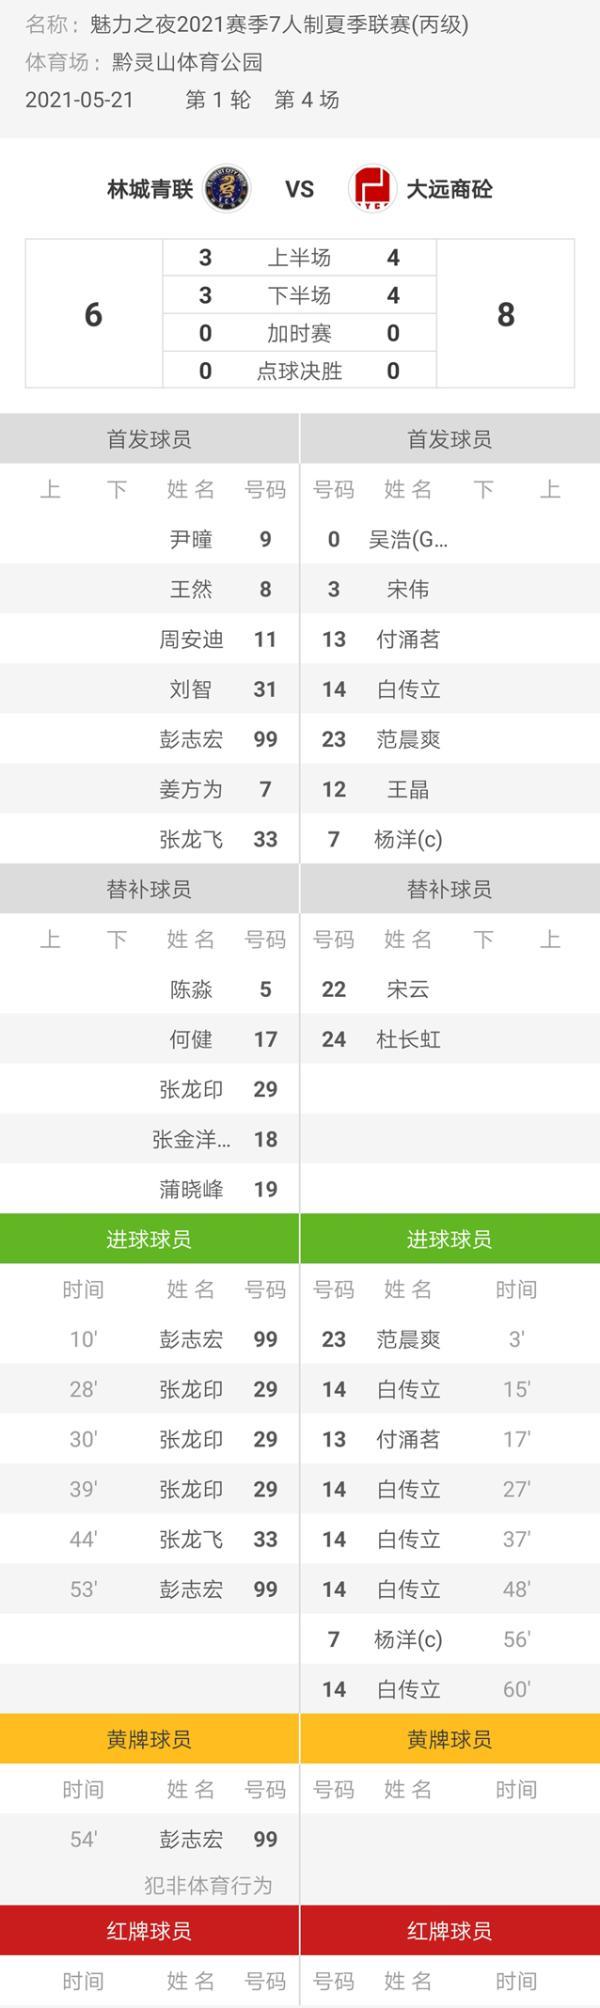 魅力之夜2021赛季7人制足球夏季联赛 林城青联6-8大远商砼